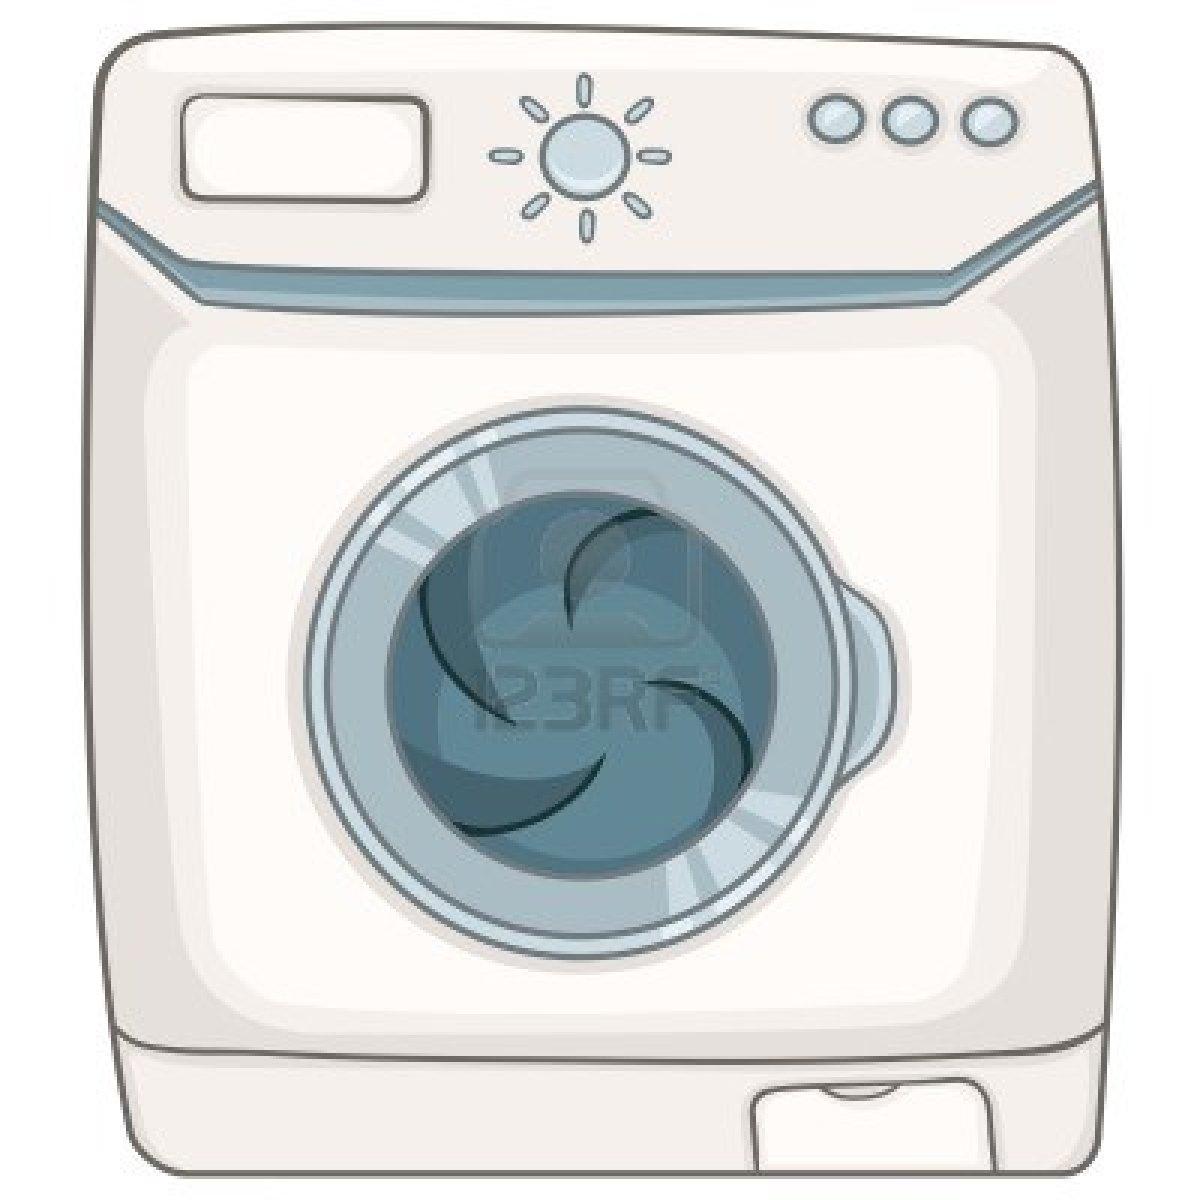 Description de notre location et de nos meubl s - Duree de vie machine a laver ...